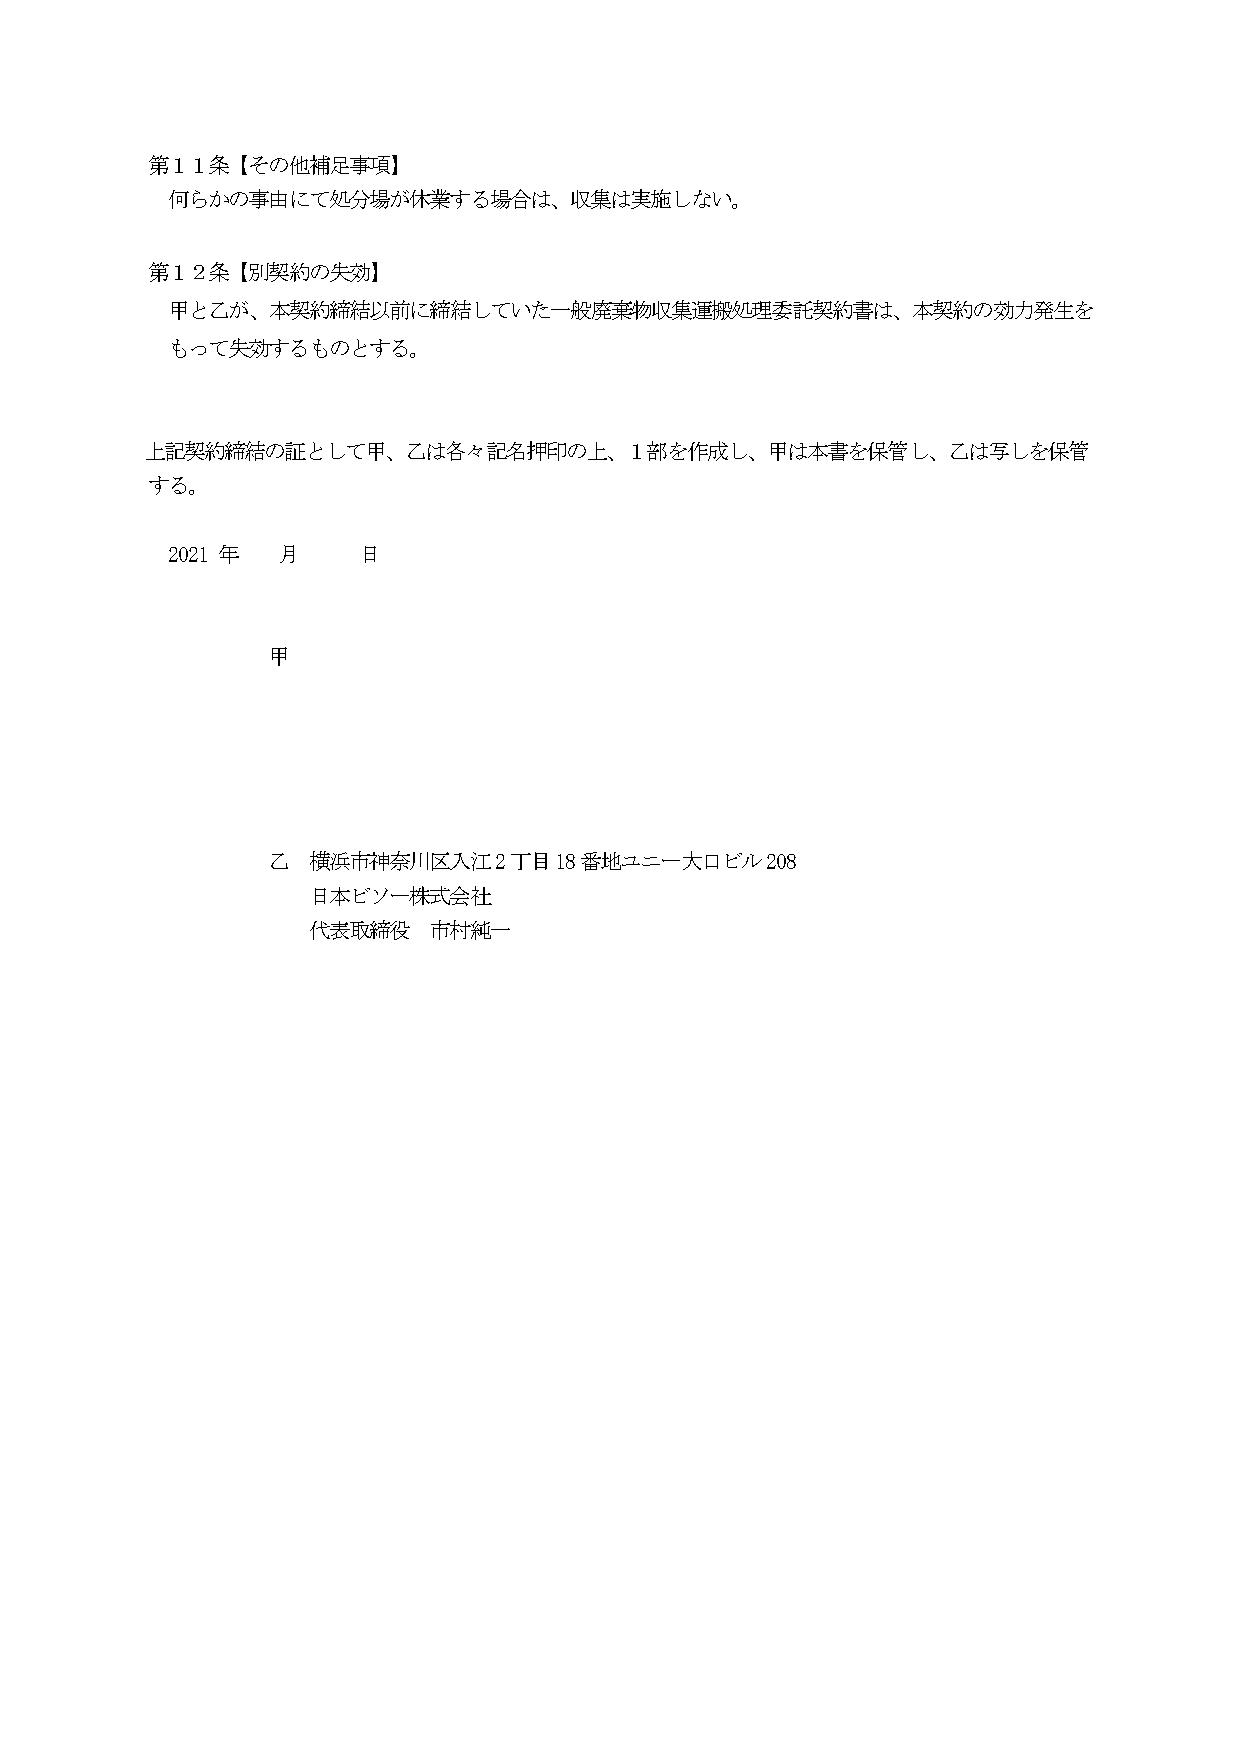 一般廃棄物処理委託契約書_雛形①